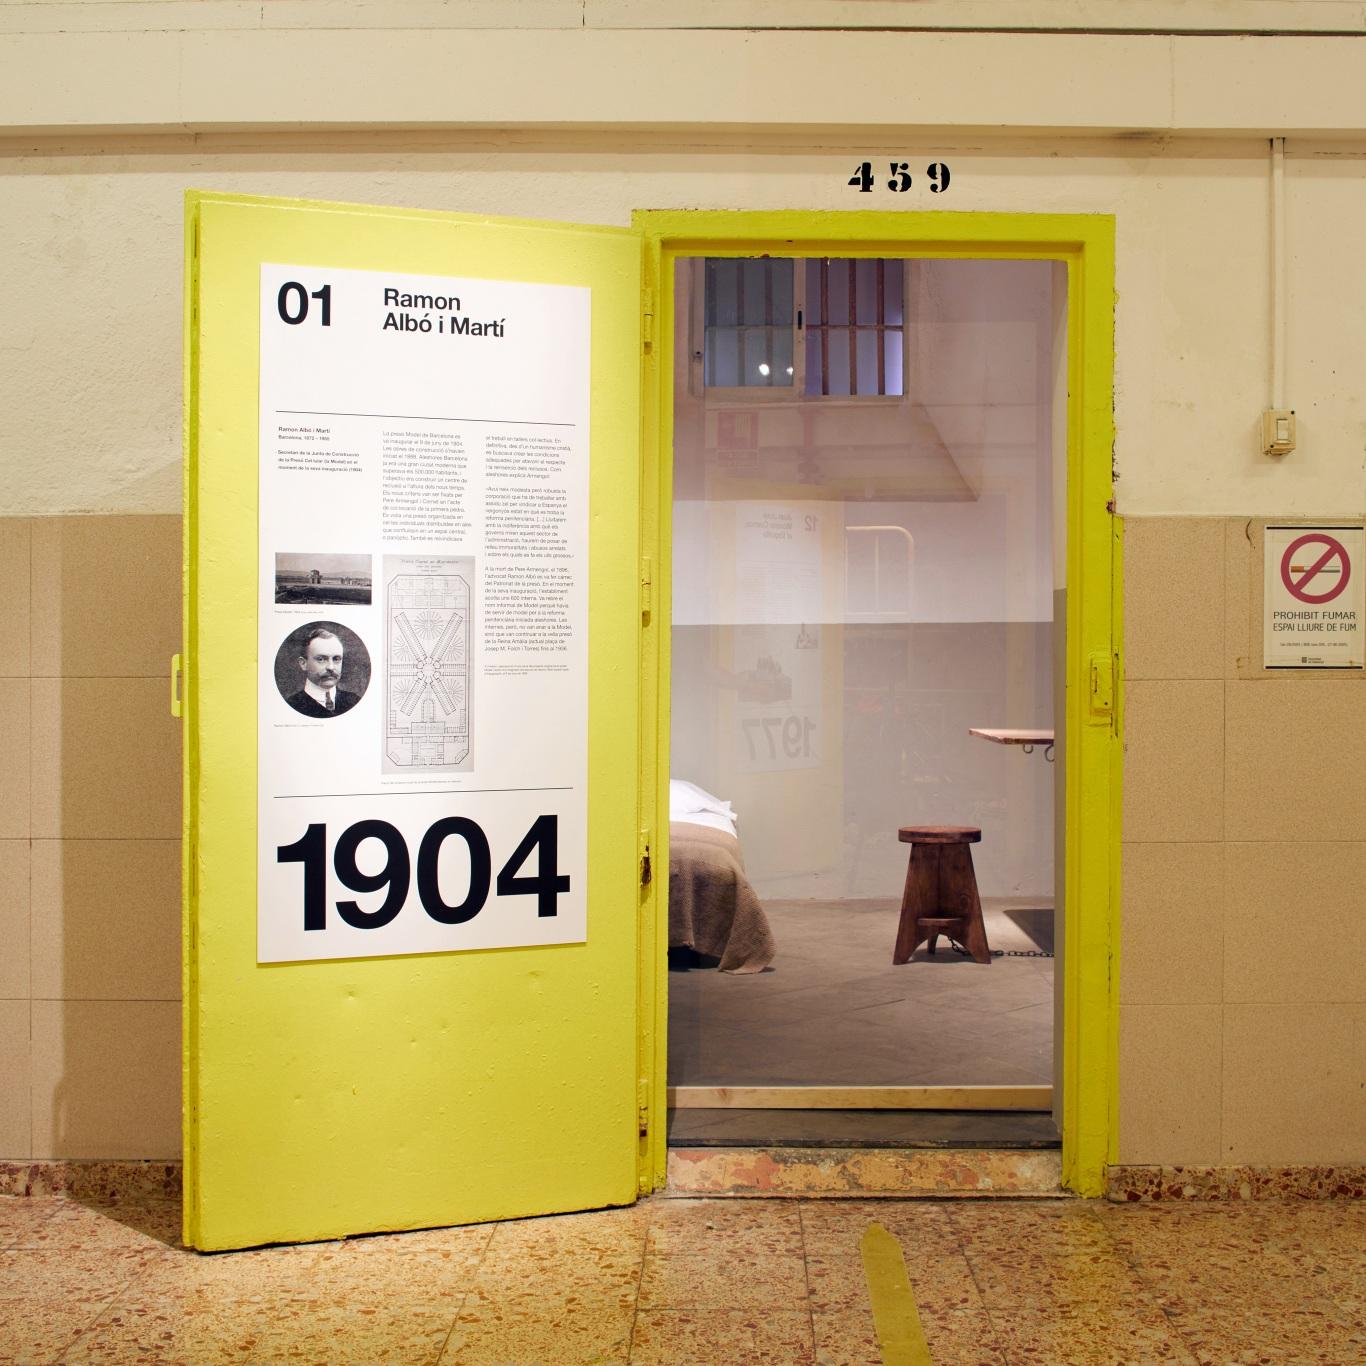 Visita museizada a la Presó Model. Celda 1, Ramon Albó i Martí. Puerta amarilla e interior de la celda.